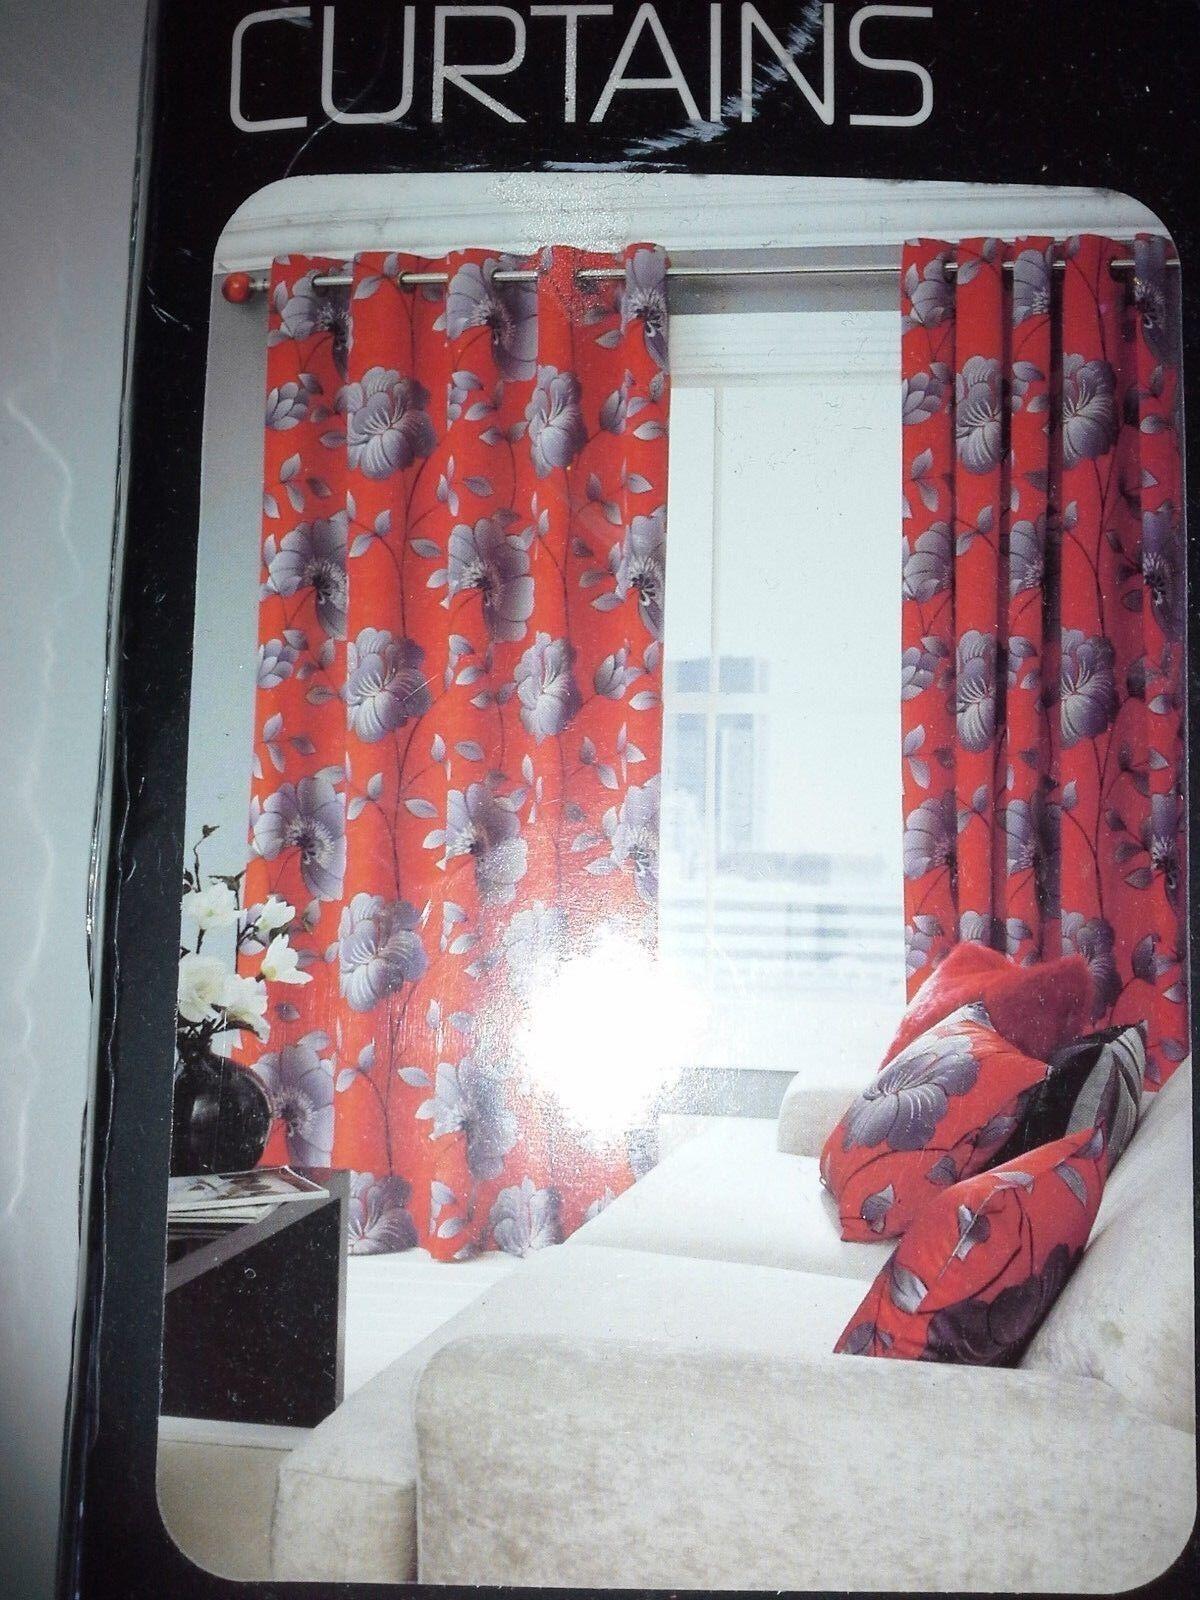 NEXT EYLET CURTAINS DROP 54 inches Width 59 - 83inch 83inch 83inch rotgrau 2 Cushions 7790c9